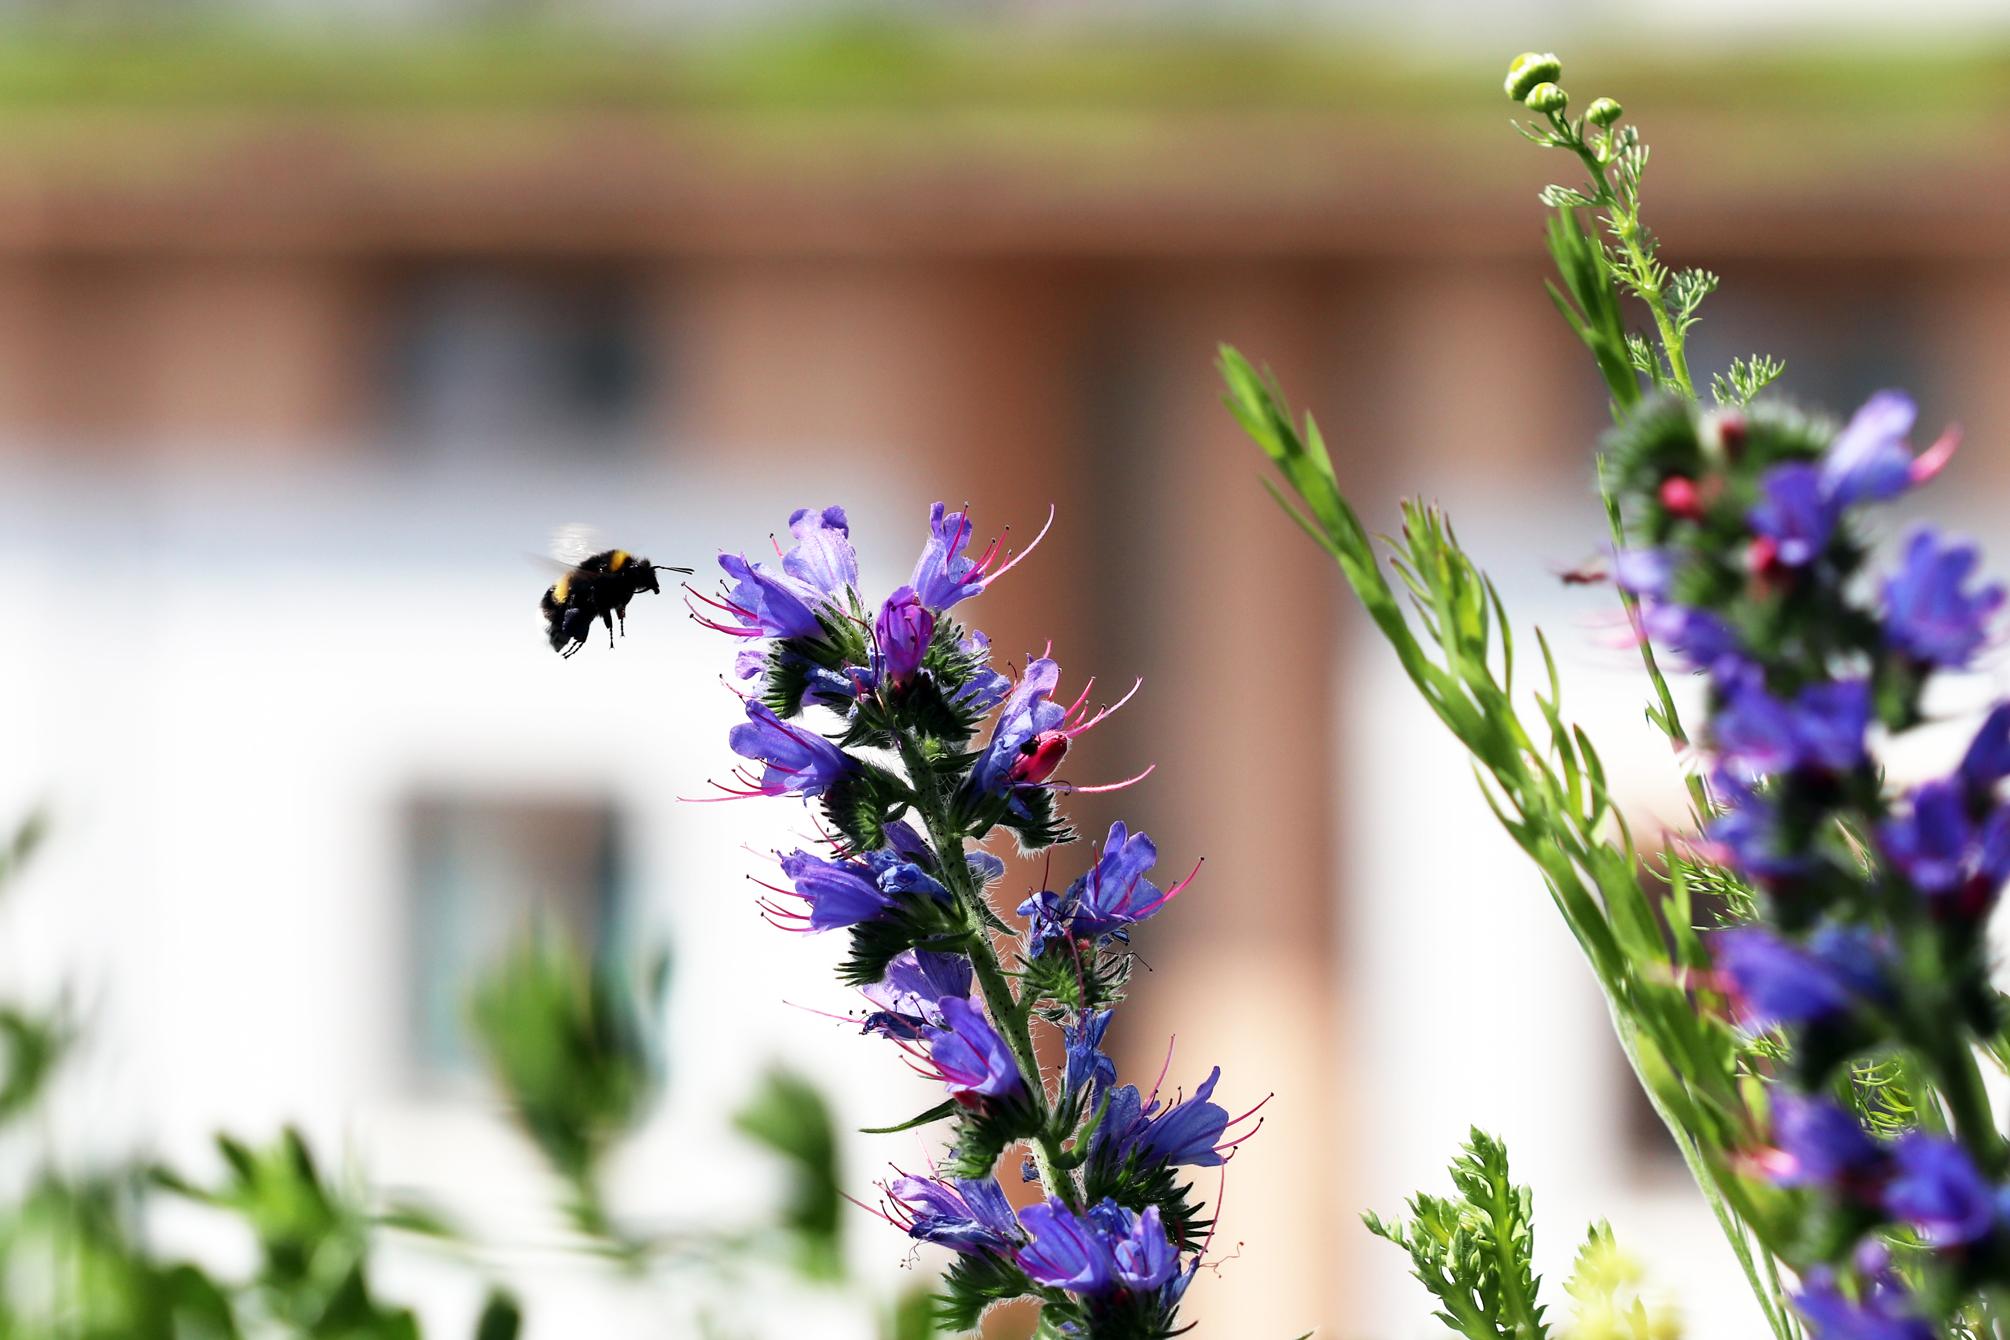 Naturgarten Intensiv 2019: Biodiversität. Eine Veranstaltung von Reinhard Witt in Kooperation mit dem Naturgarten e.V. und der Bildungsstätte Gartenbau